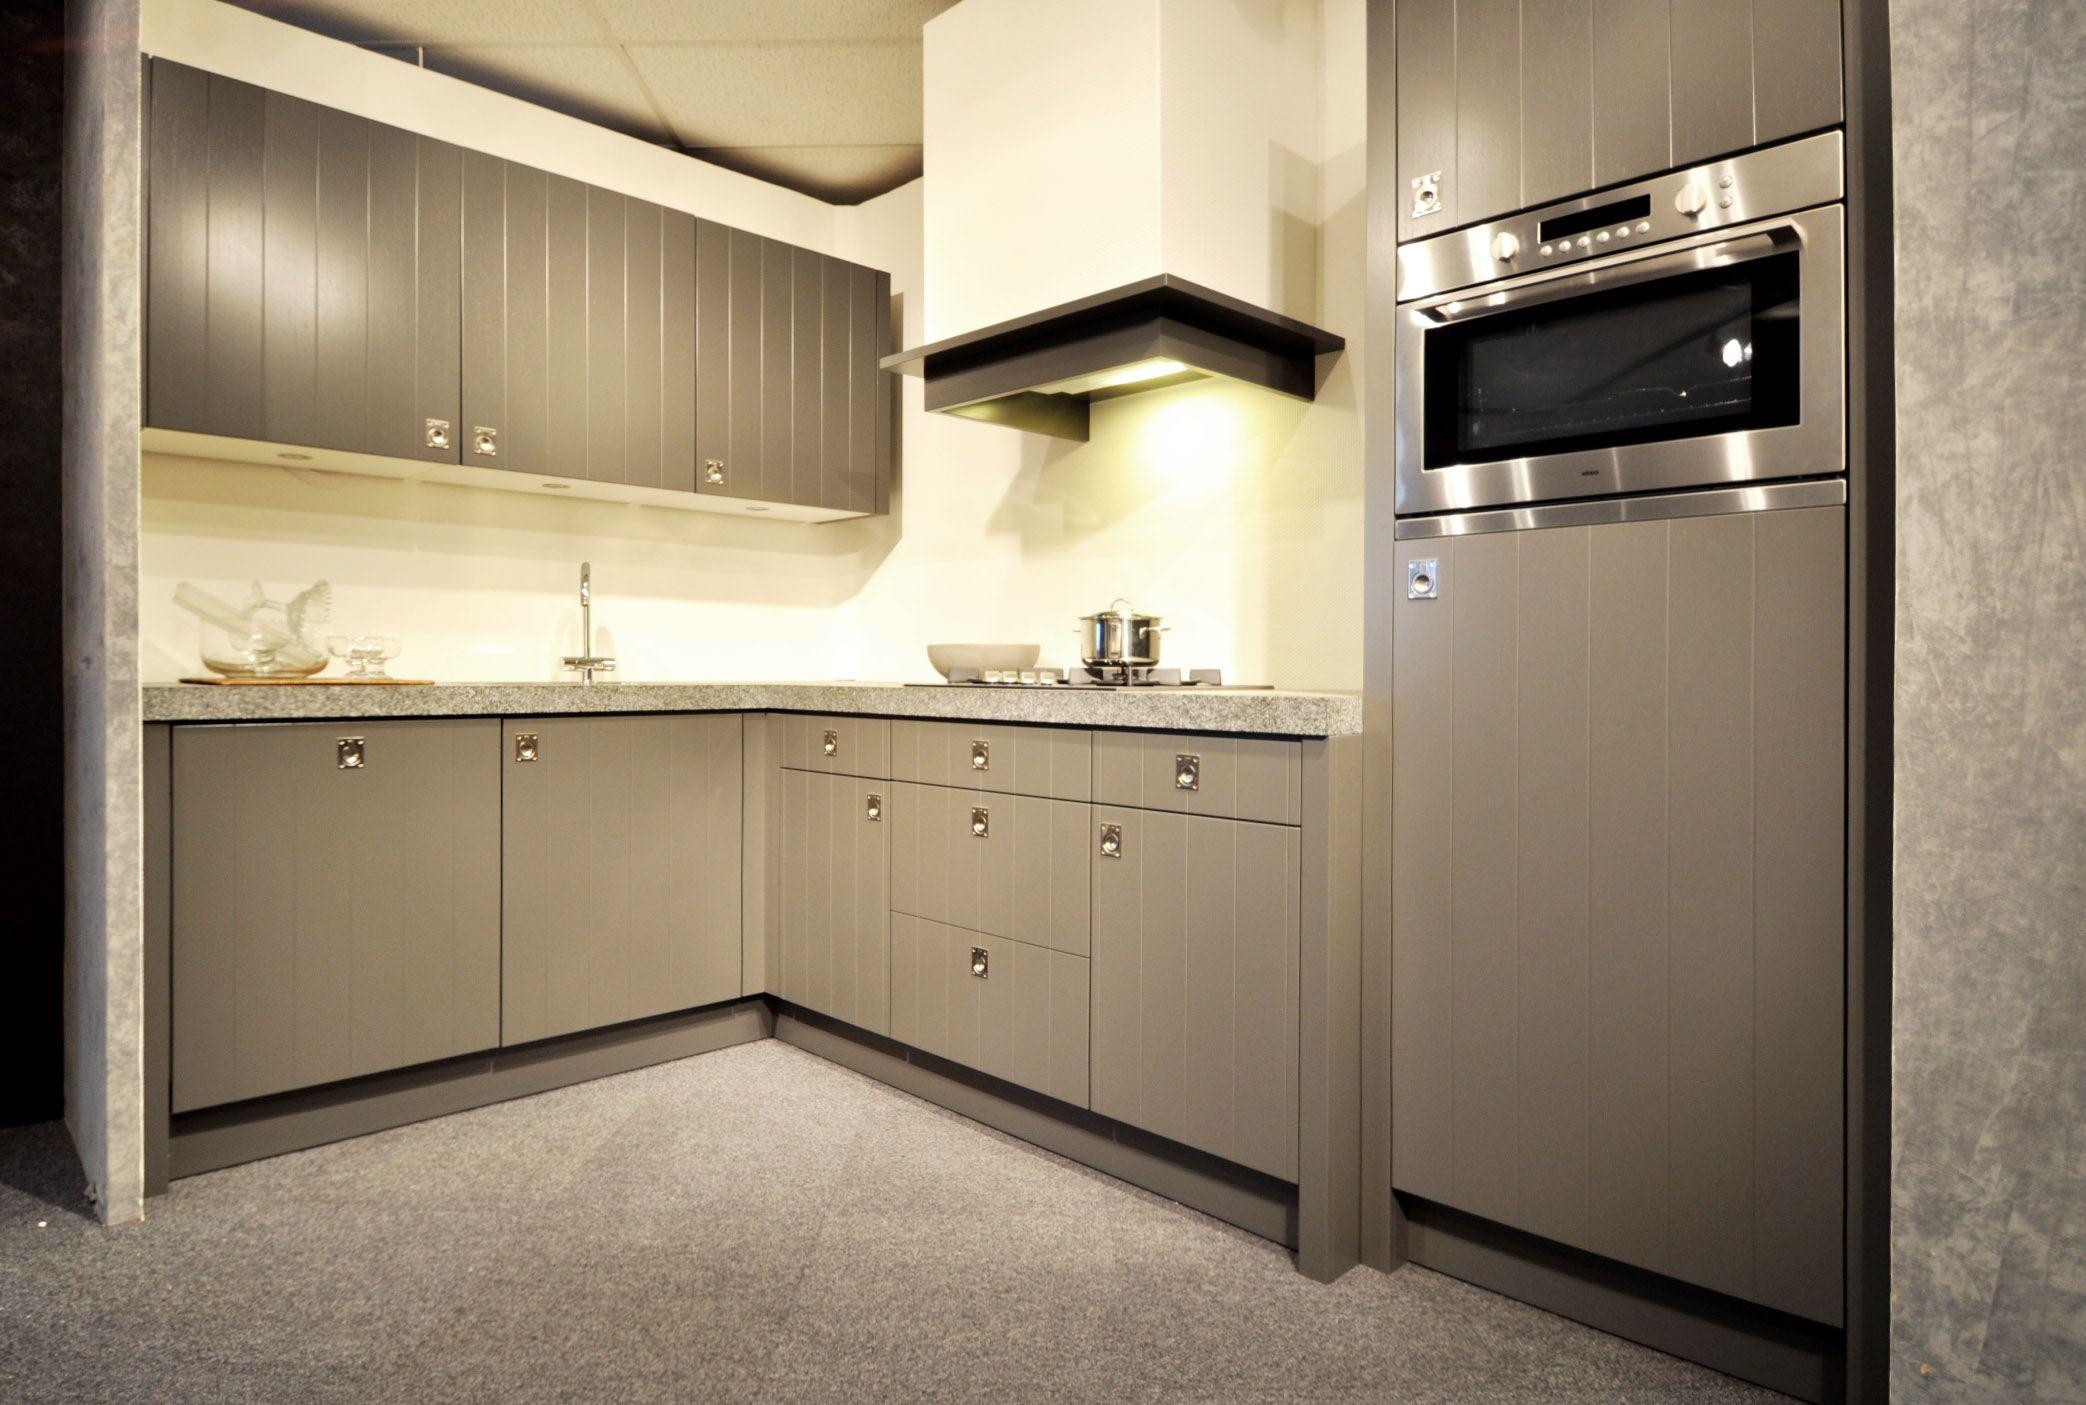 Keuken Ikea Stoere : Top pics van keuken ikea financieren u opbpageants